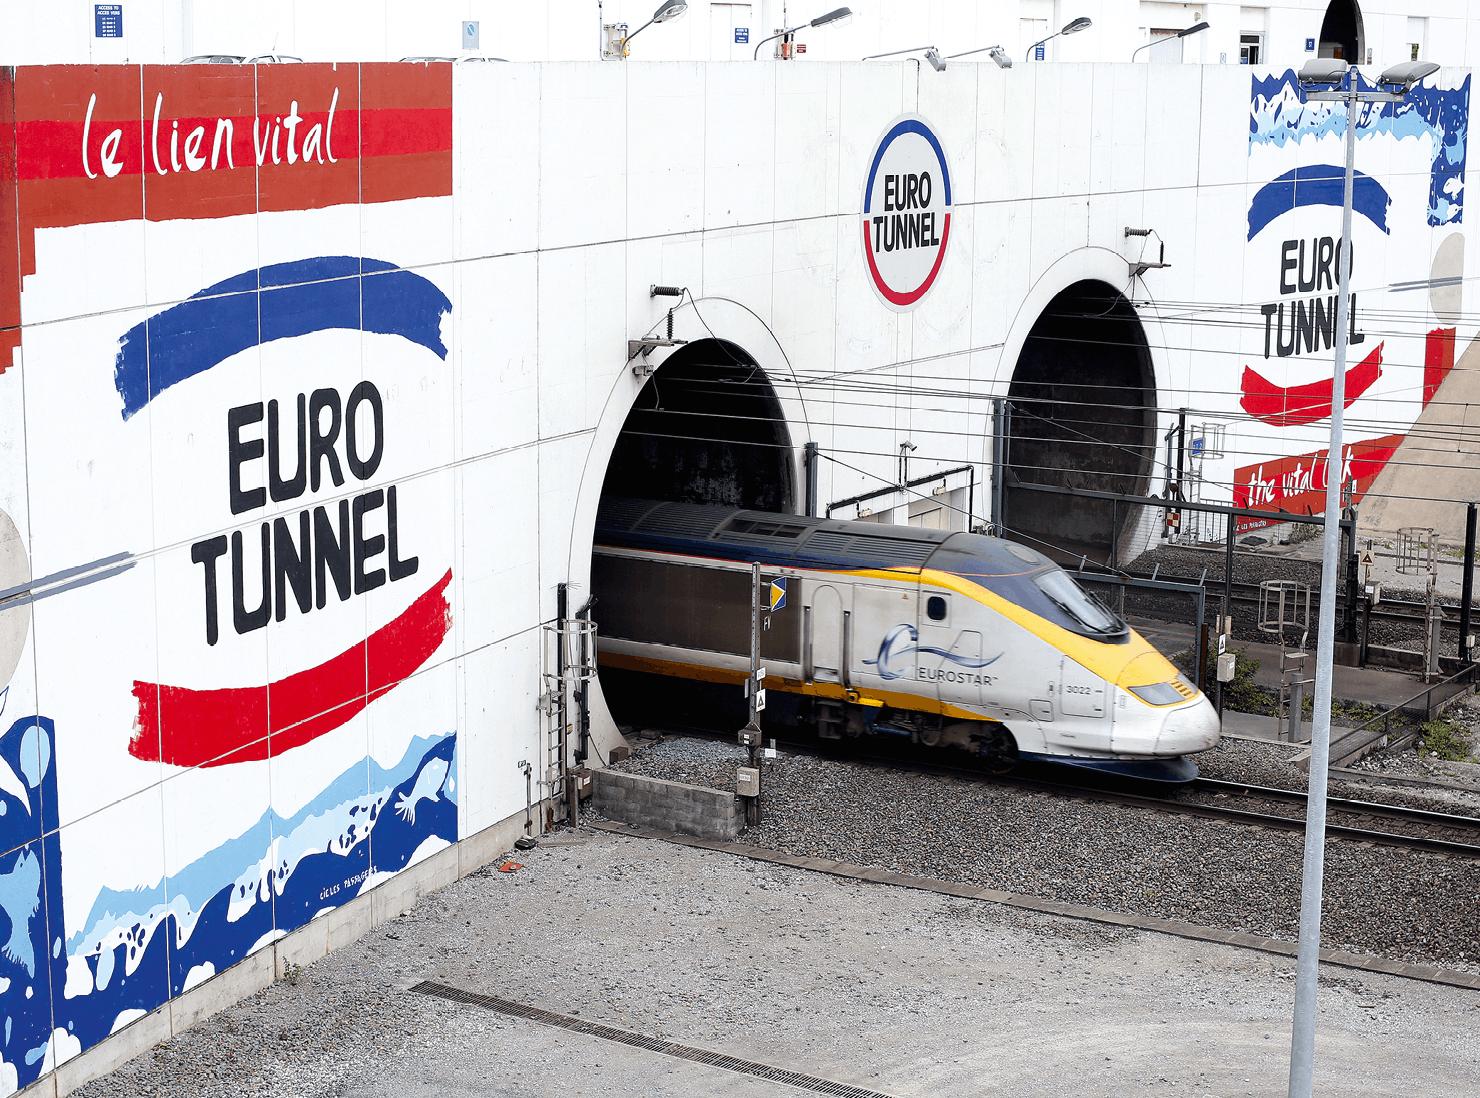 Photographie de l'entrée du tunnel sous la Manche